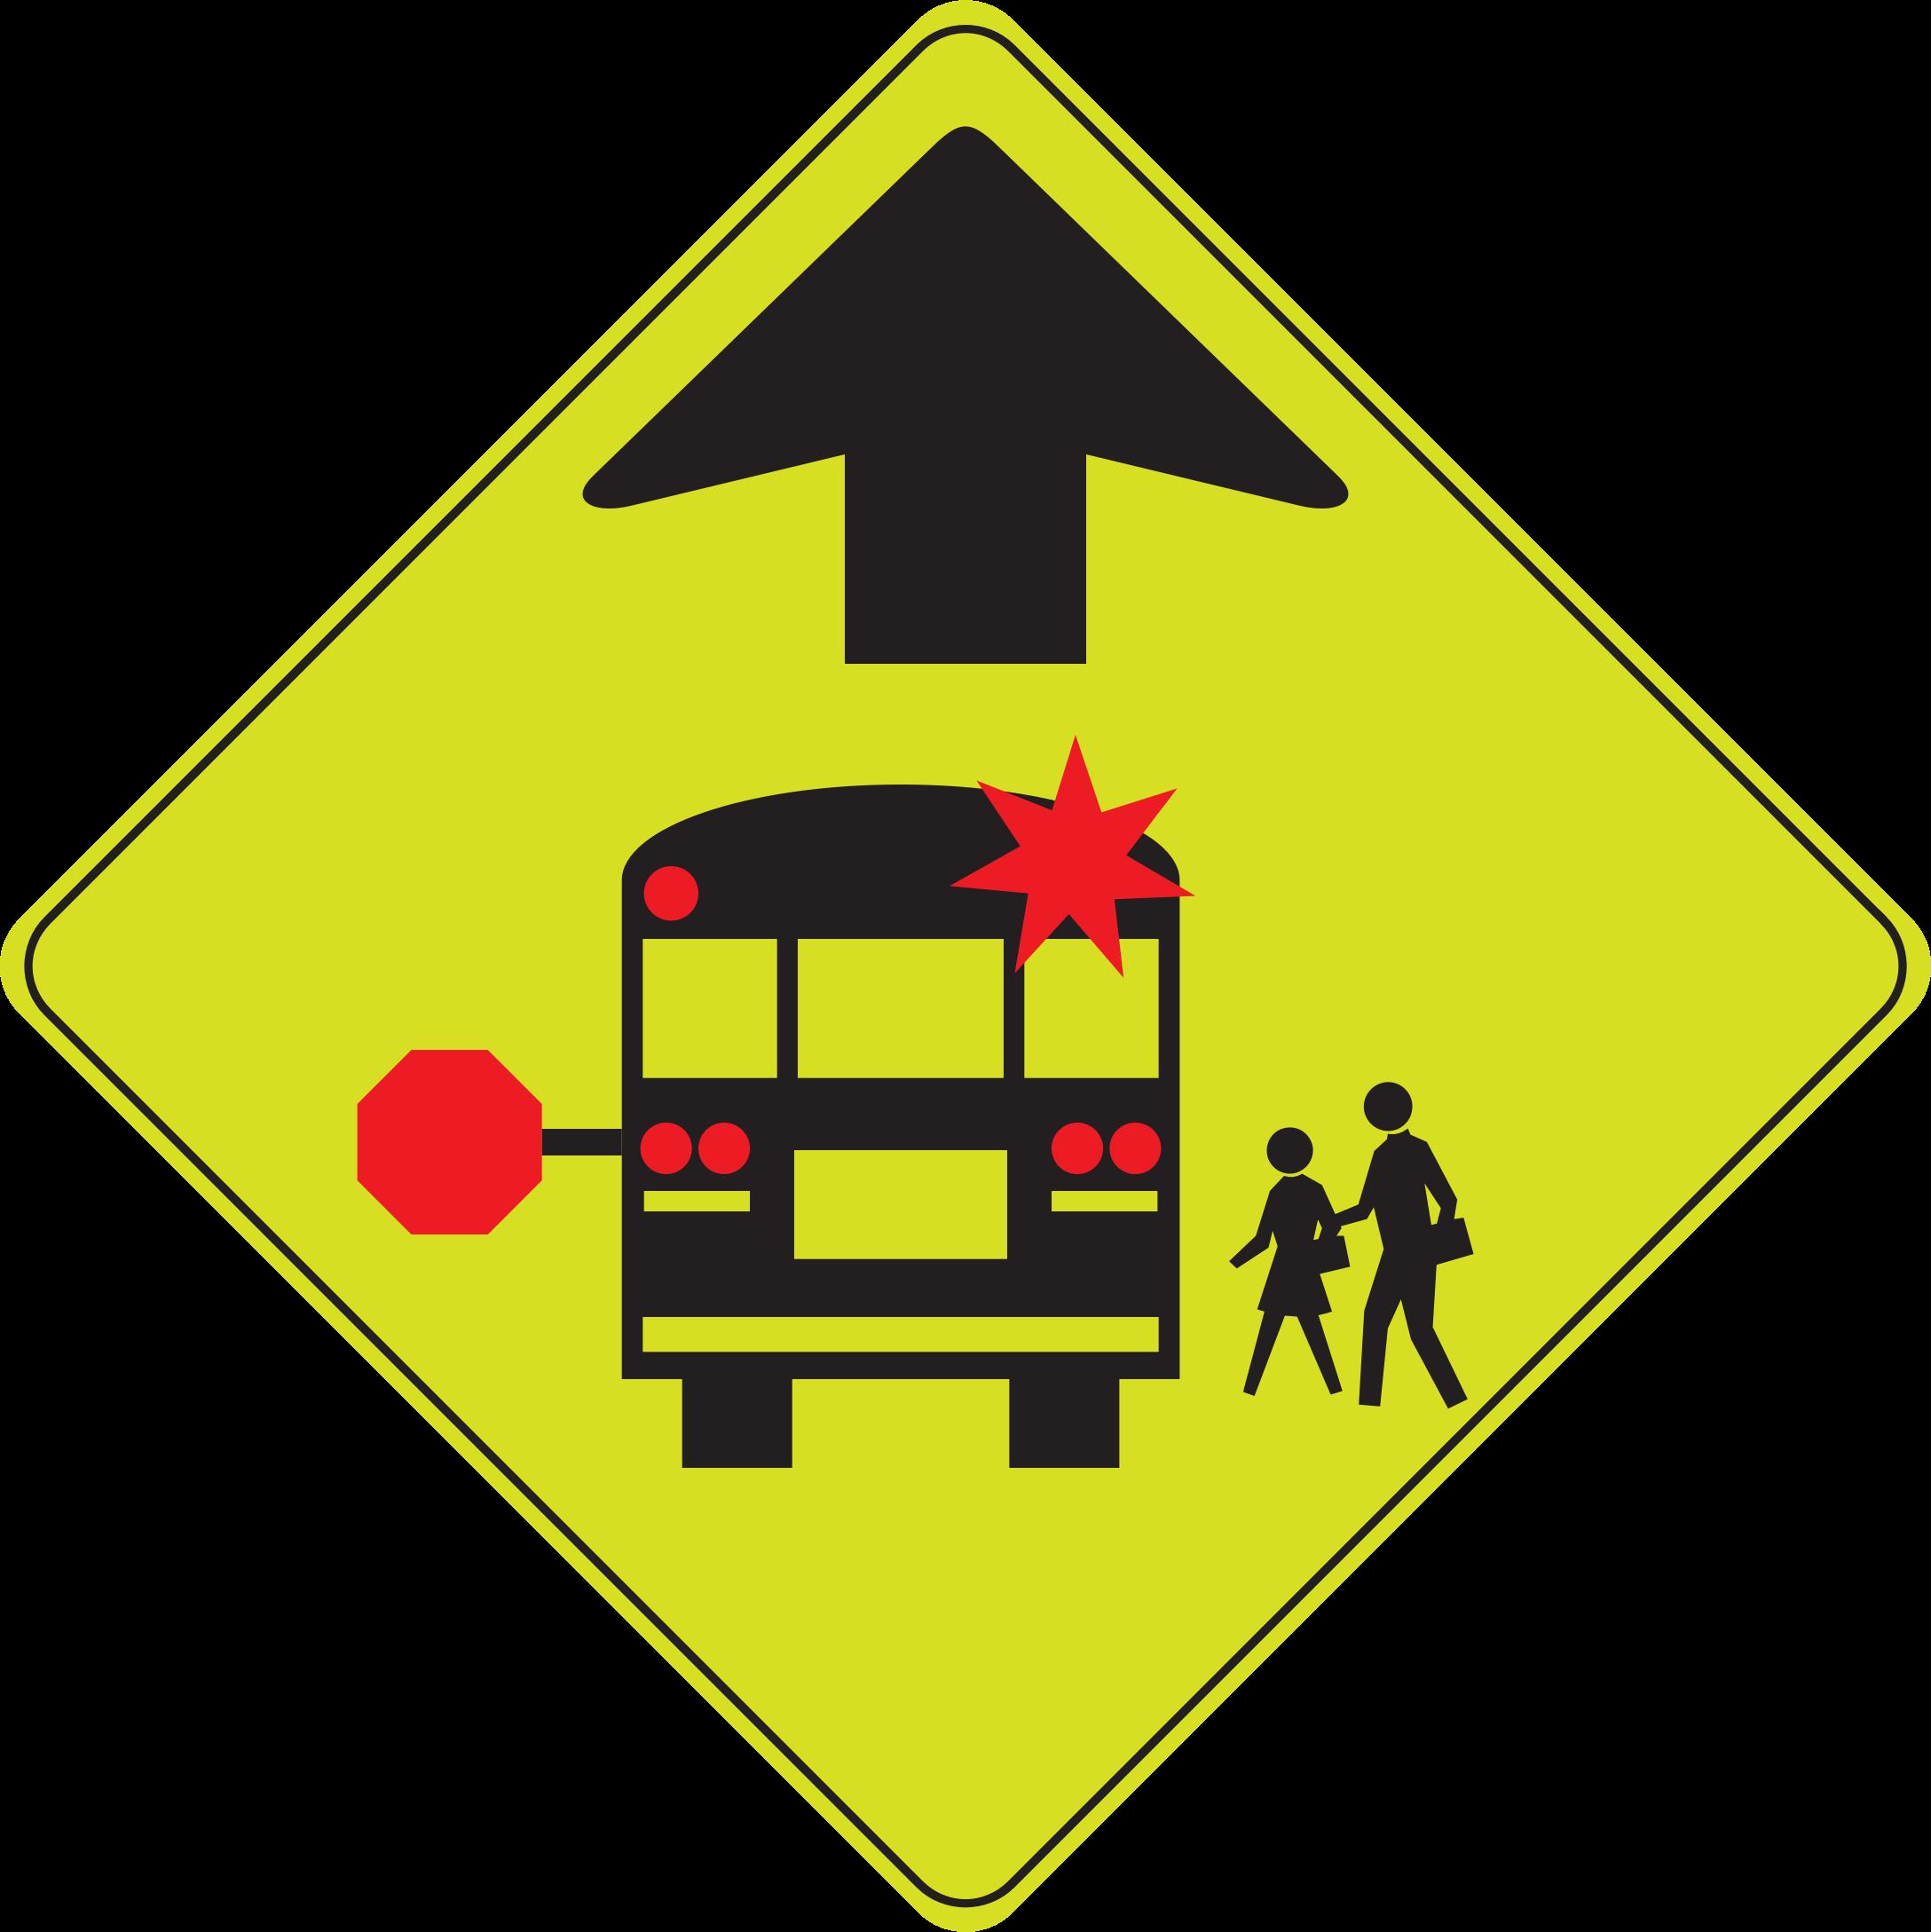 2176x2177 Stop Clipart School Bus Stop